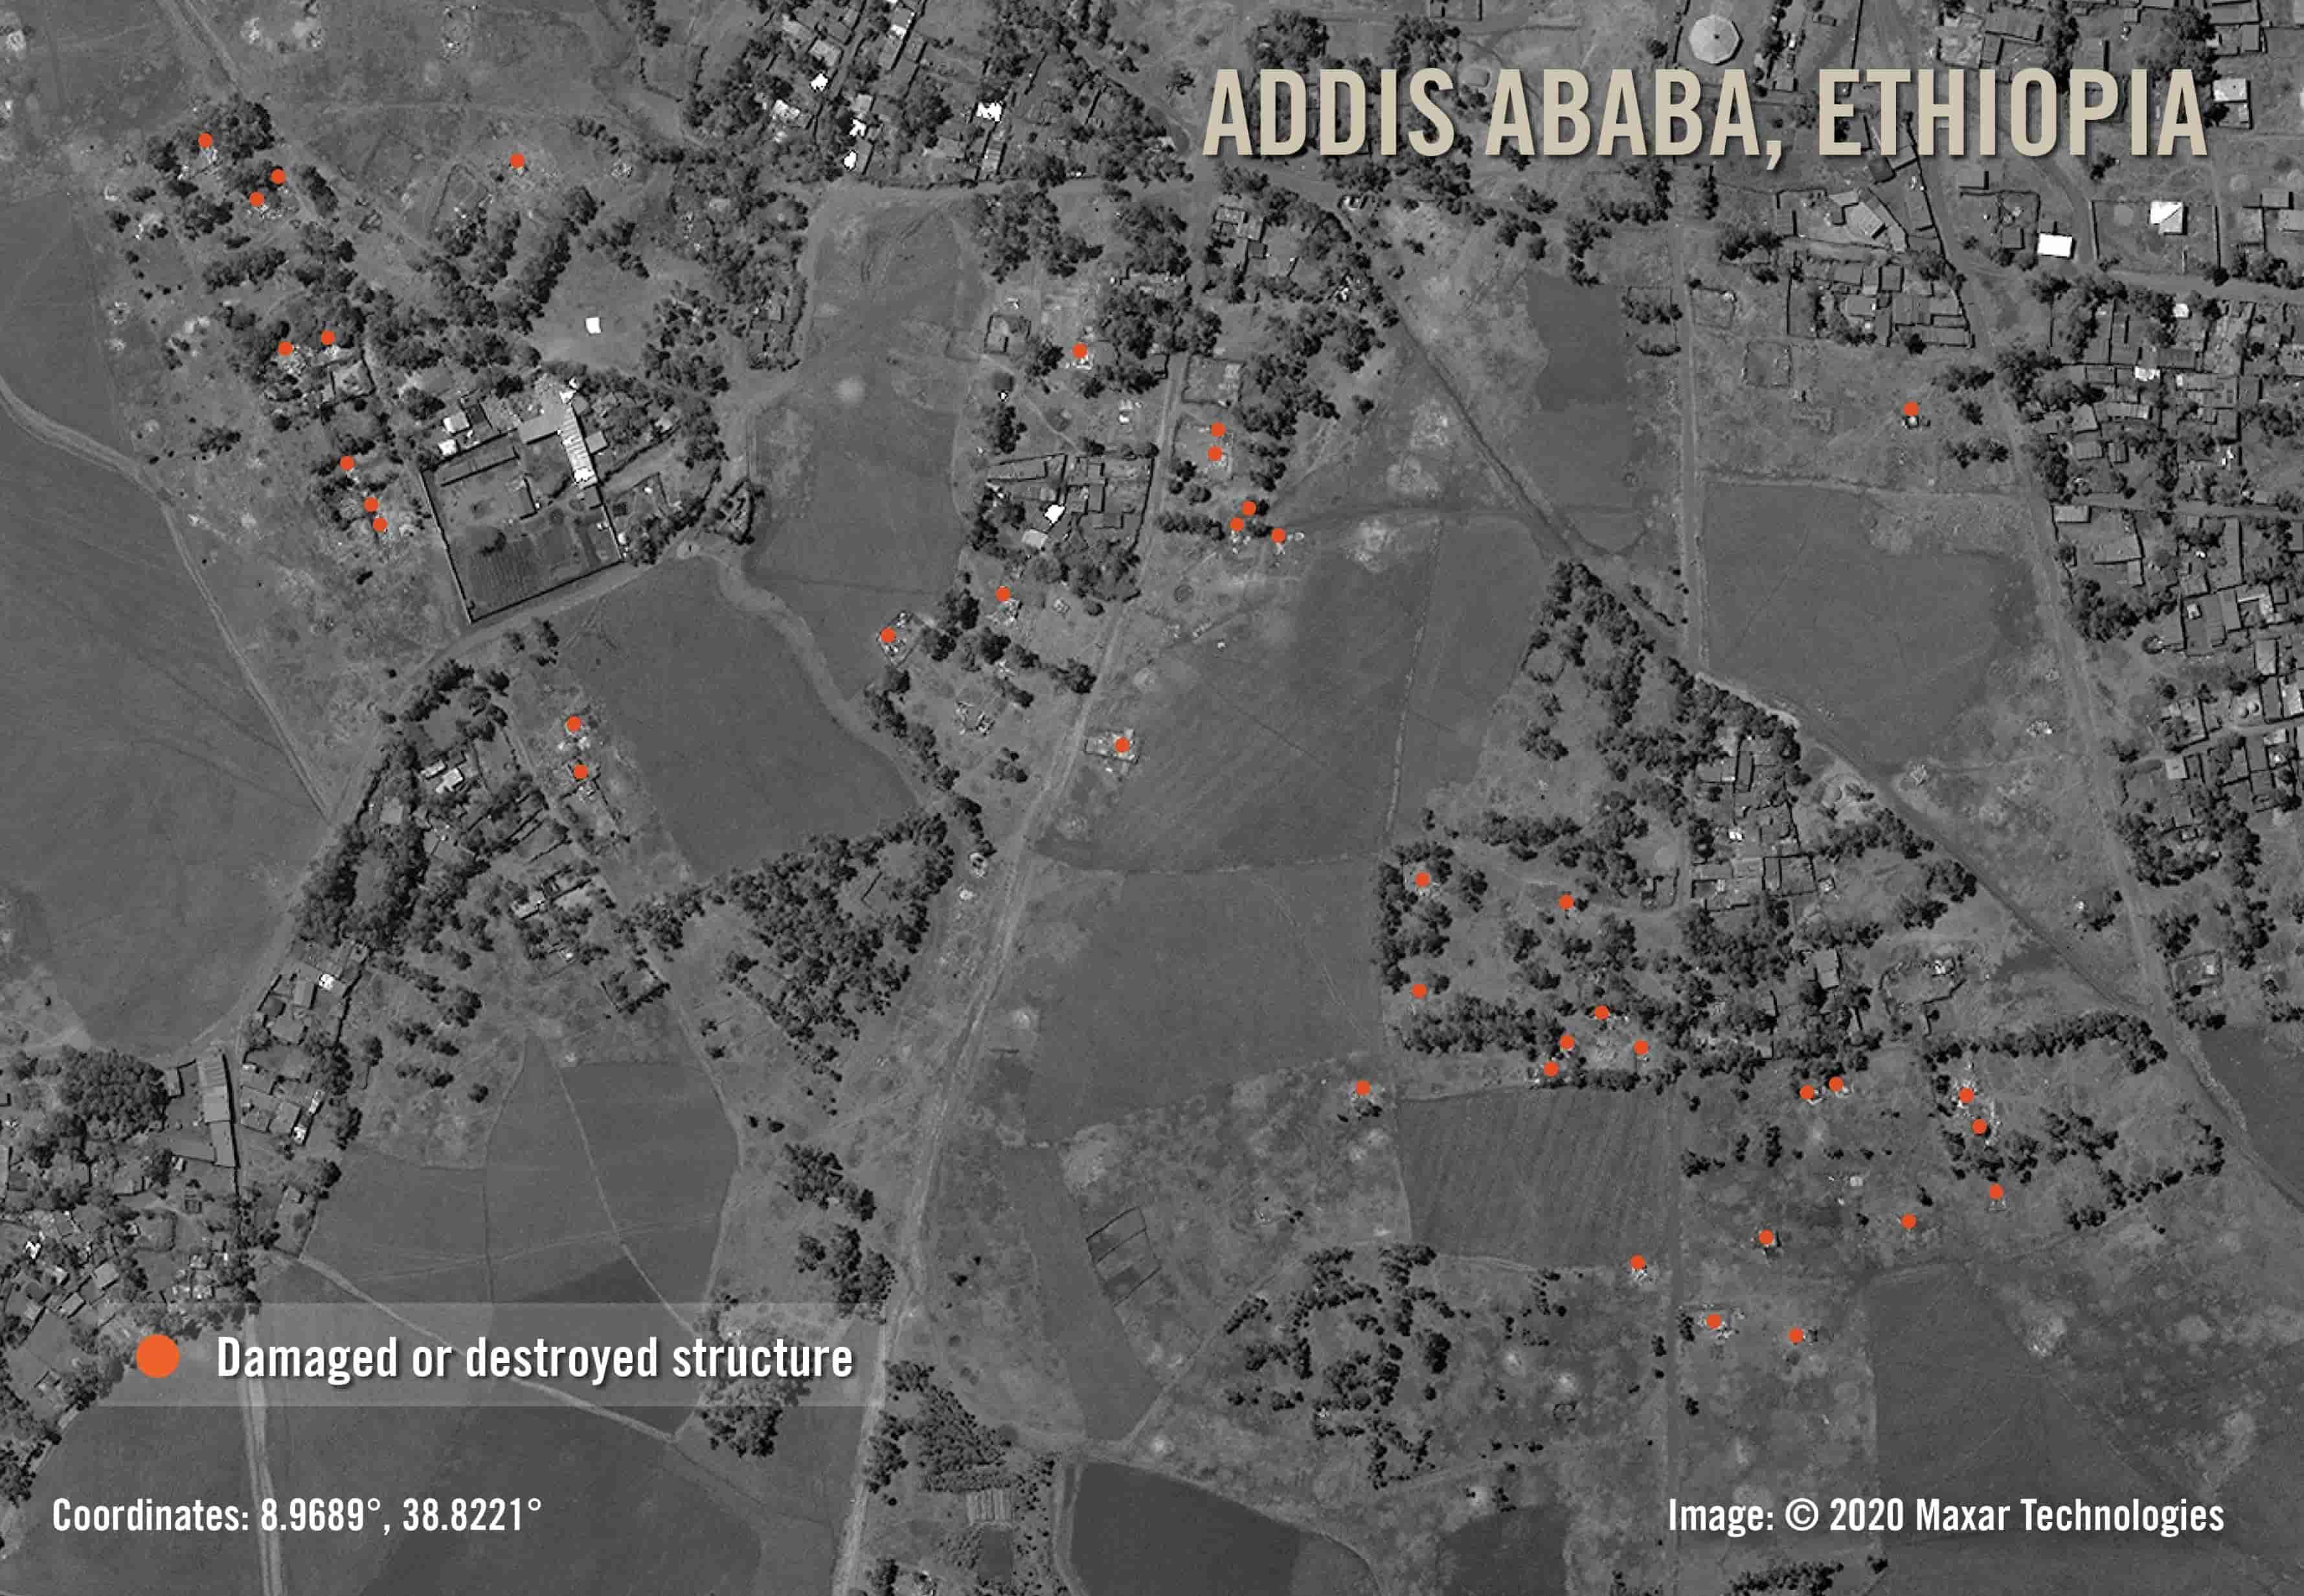 Addis Abeba: Satellitenbilder vom 6. April 2020 zeigen, dass etwa 40 kürzlich gebaute Gebäude beschädigt oder zerstört wurden. Es ist wahrscheinlich, dass es noch mehr beschädigte Strukturen gibt, die durch Bäume verdeckt sind | © 2020 Maxar Technologies